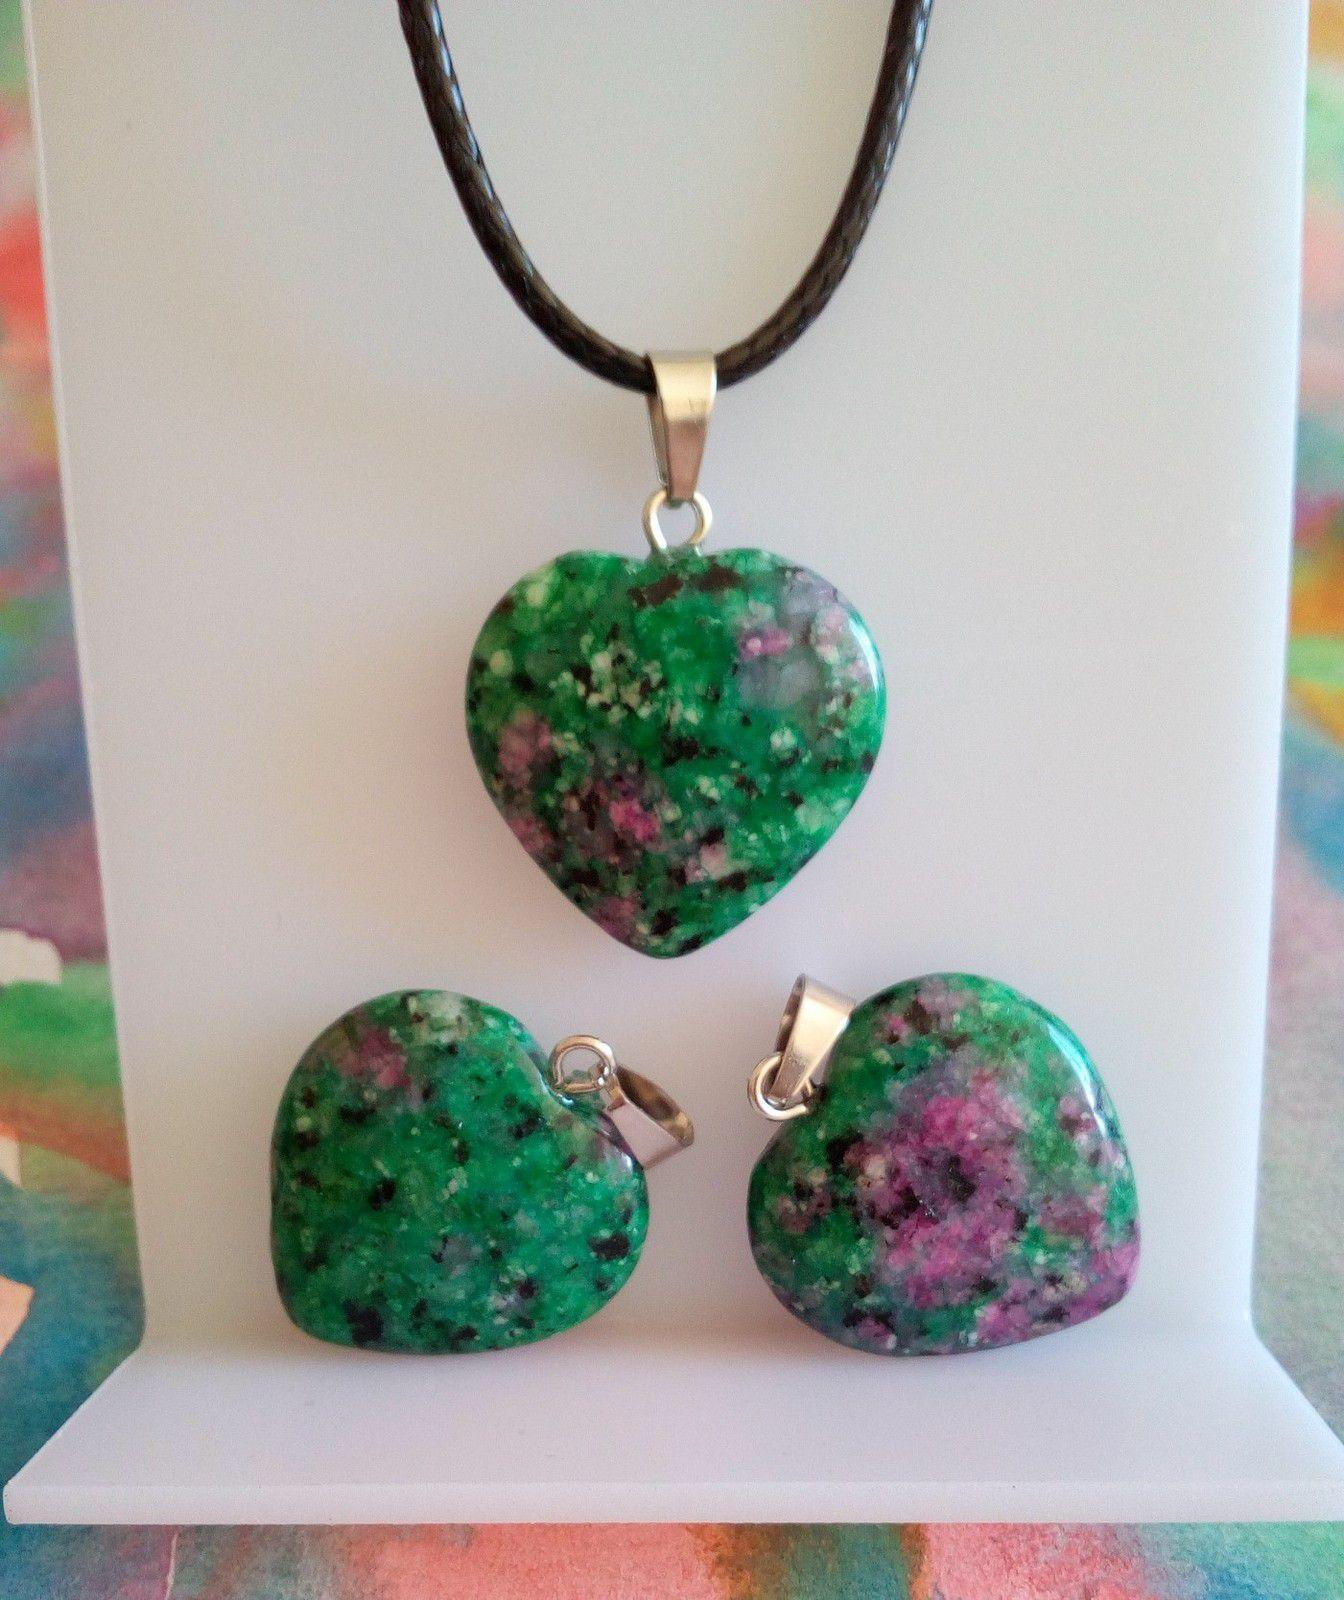 pendentif coeur en rubis zoisite,pierre precieuse vert rose,avec belière en acier inoxydable et cordon de coton ciré noir,fermoir mousqueton